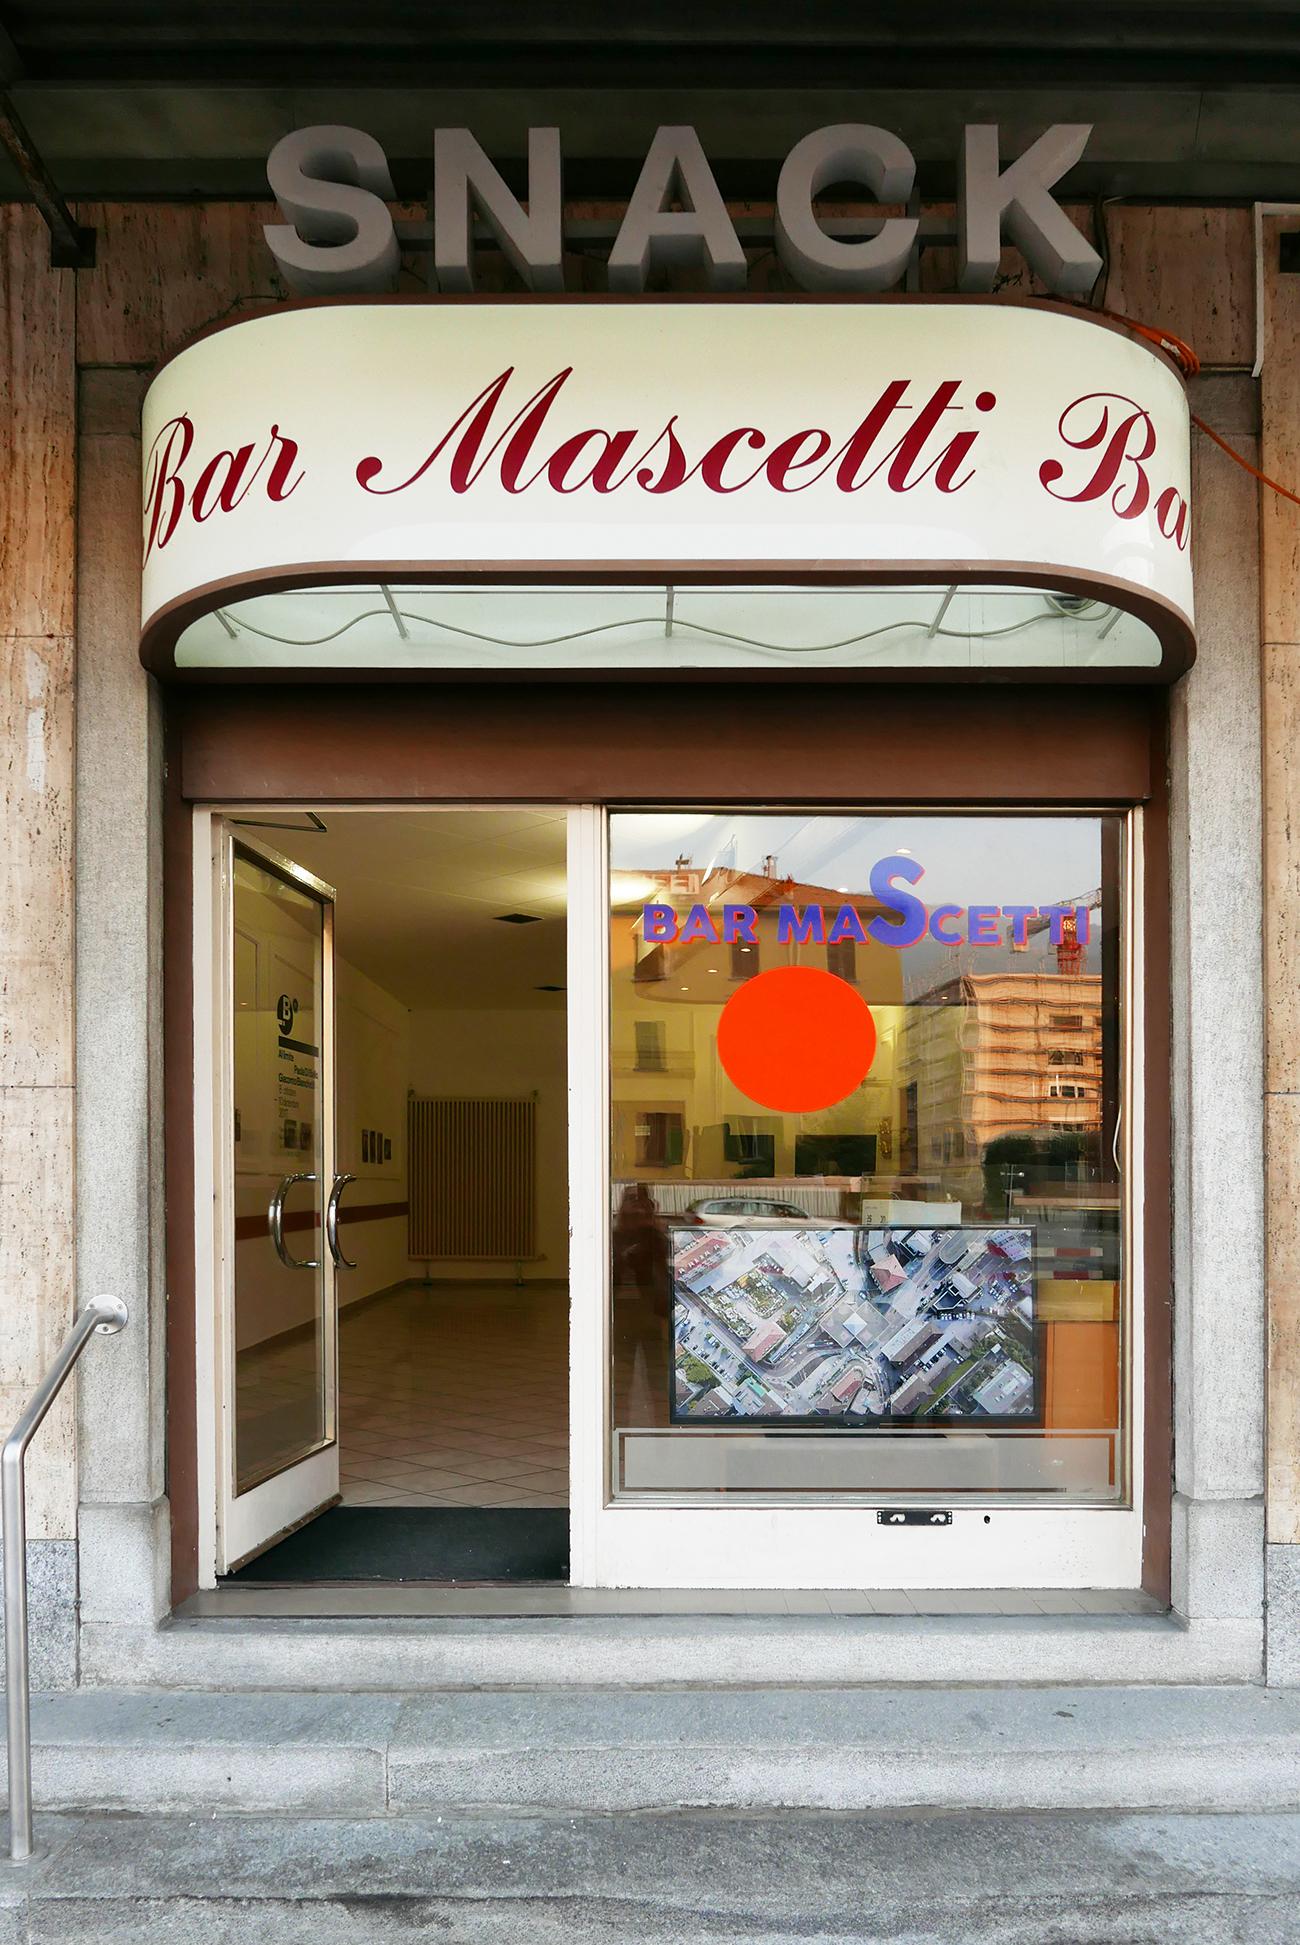 """Ex Bar Mascetti, Chiasso, ‹Al limite›, Paola di Bello e Giacomo Bianchetti (in collaborazione con il progetto """"Frequenze"""", (Foto: Barbara Fässler)"""